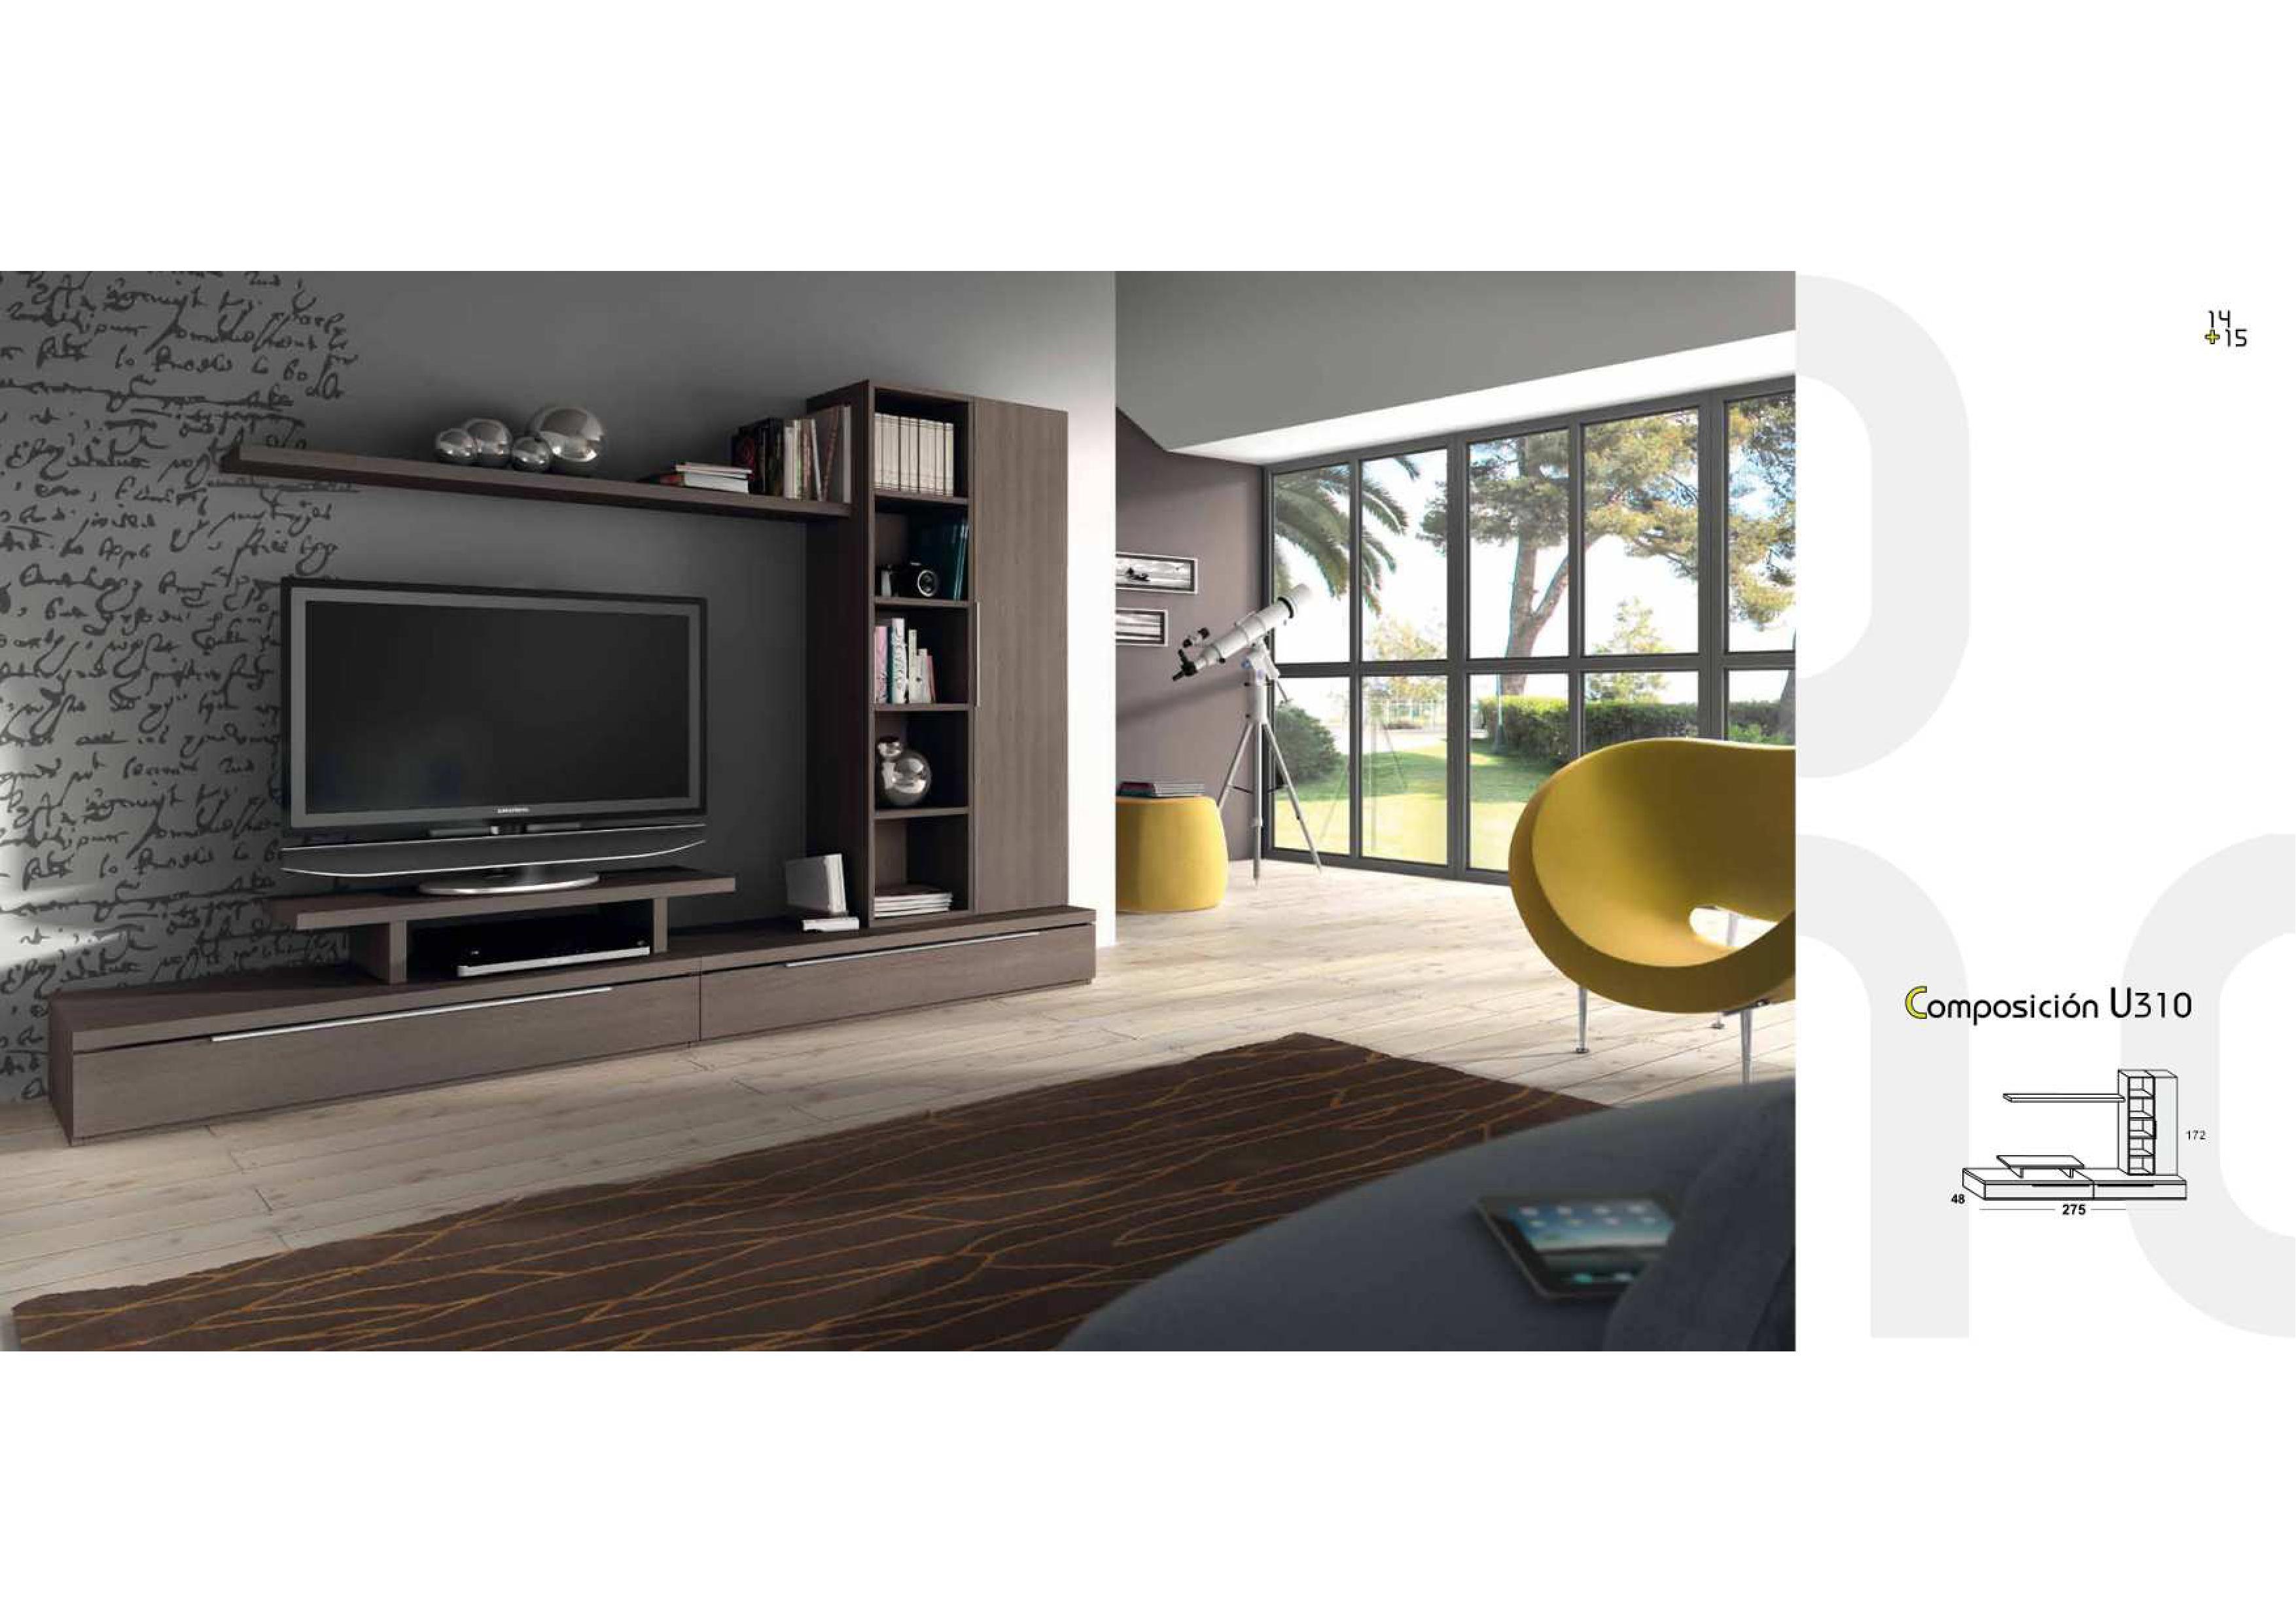 Salones y comedores modernos salcedo muebles for Precios de salones completos